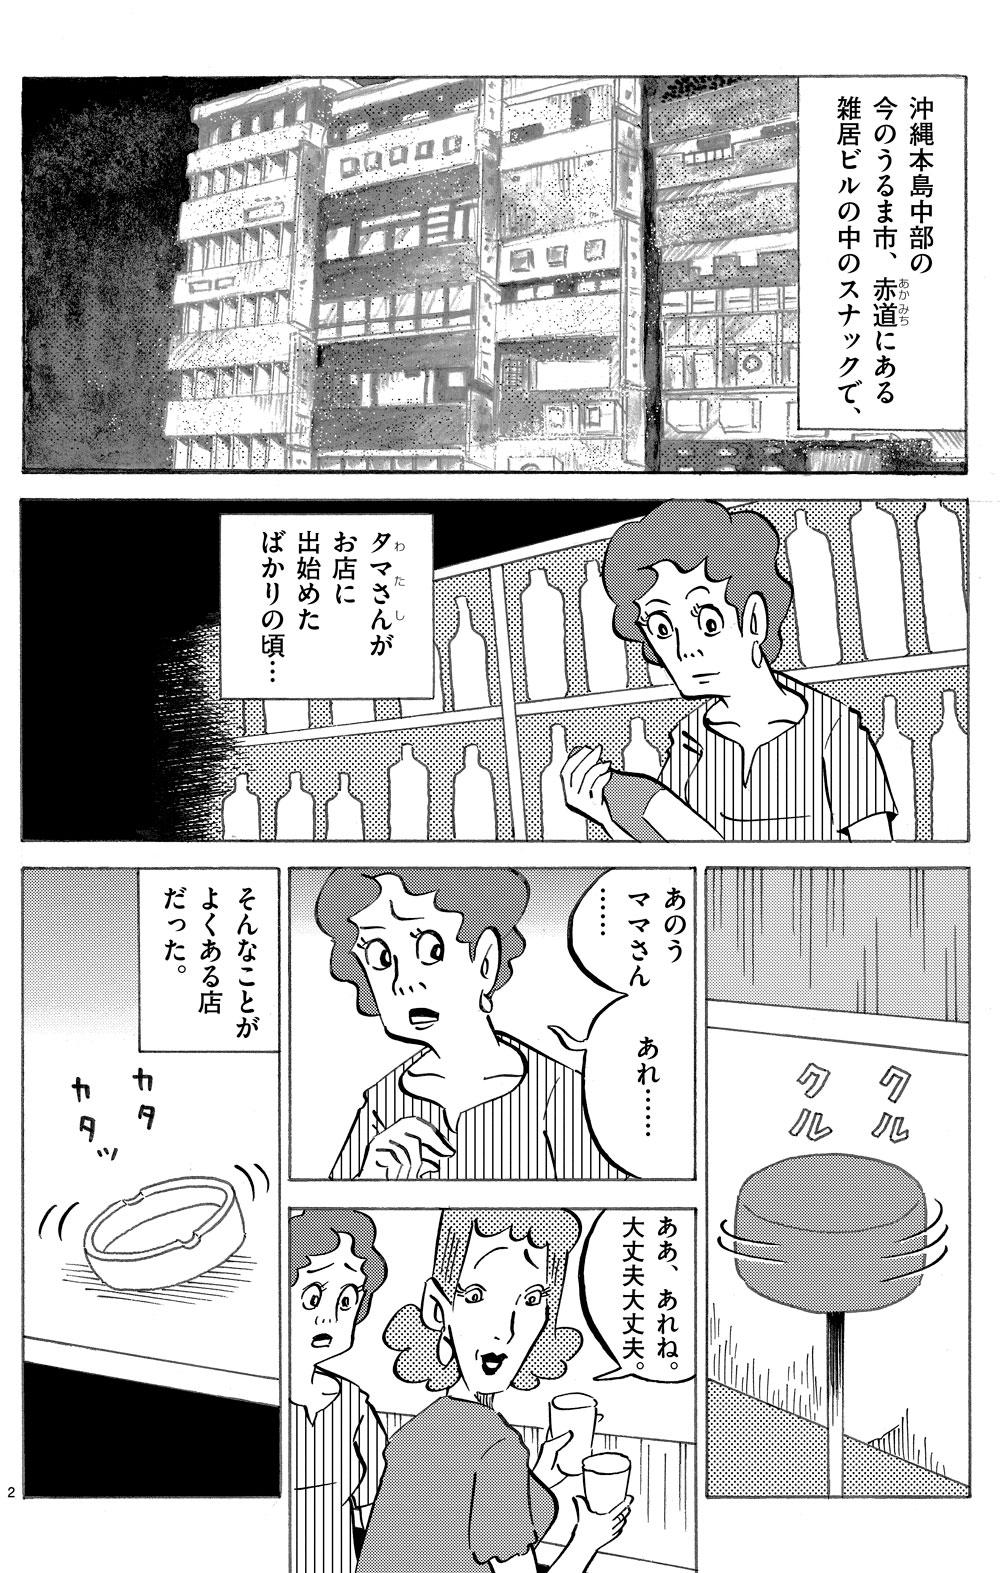 琉球怪談 【第4話】WEB掲載2ページ目画像